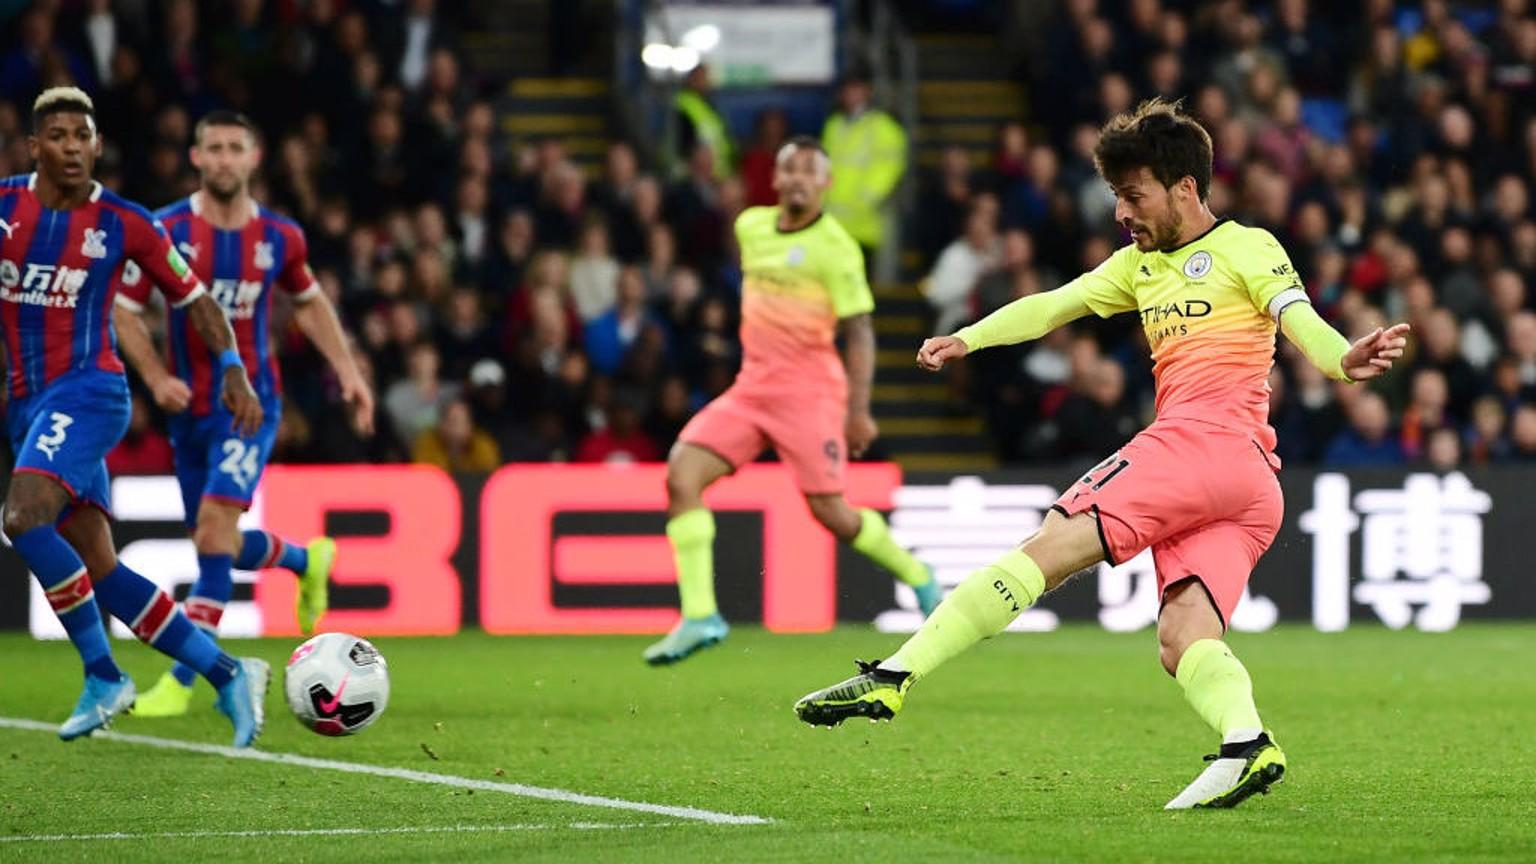 GANDAKAN KEUNGGULAN: Voli El Mago gandakan keunggulan City setelah gol dari Gabriel Jesus